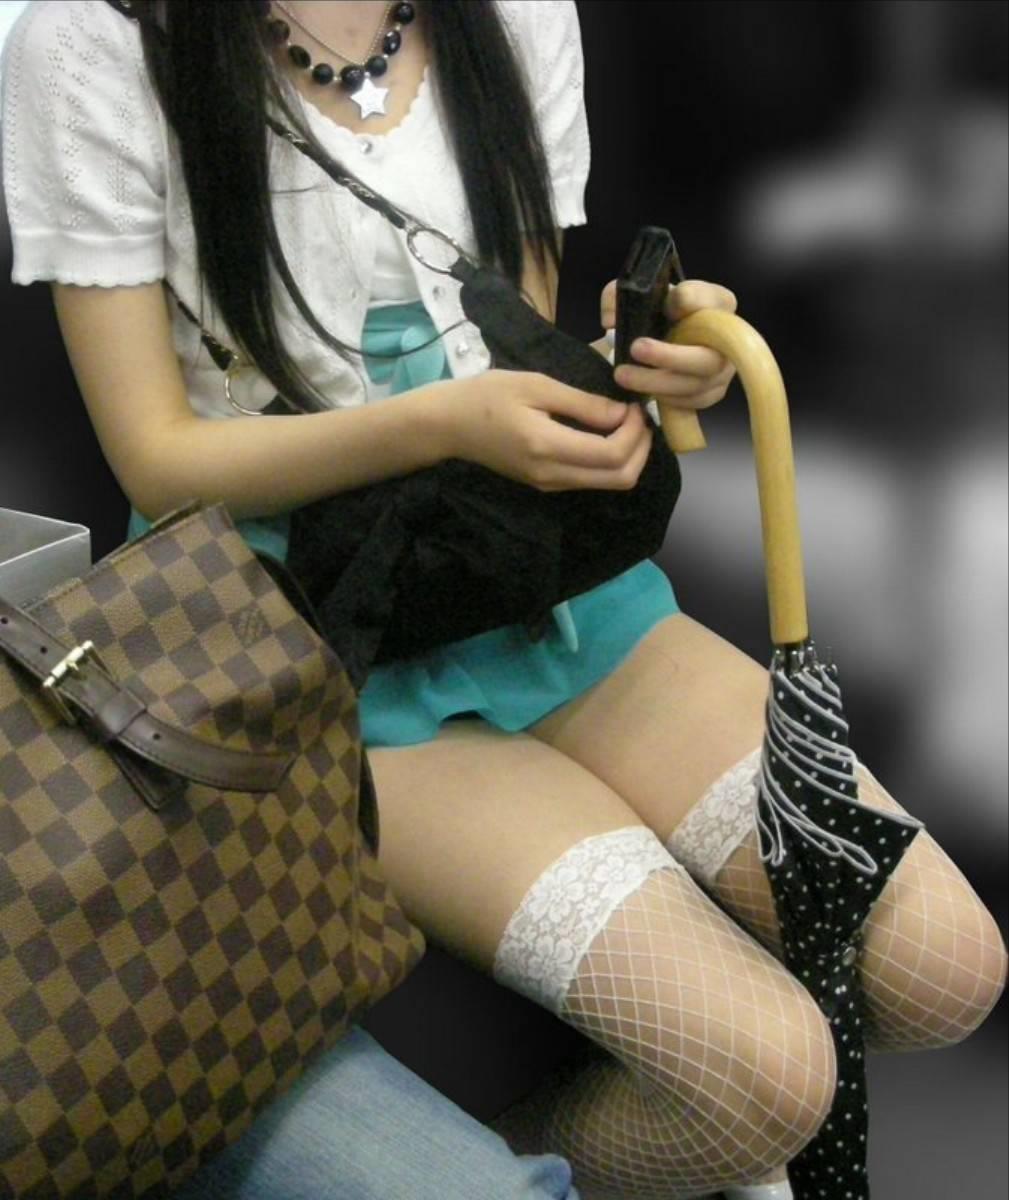 電車内パンチラ 画像 16